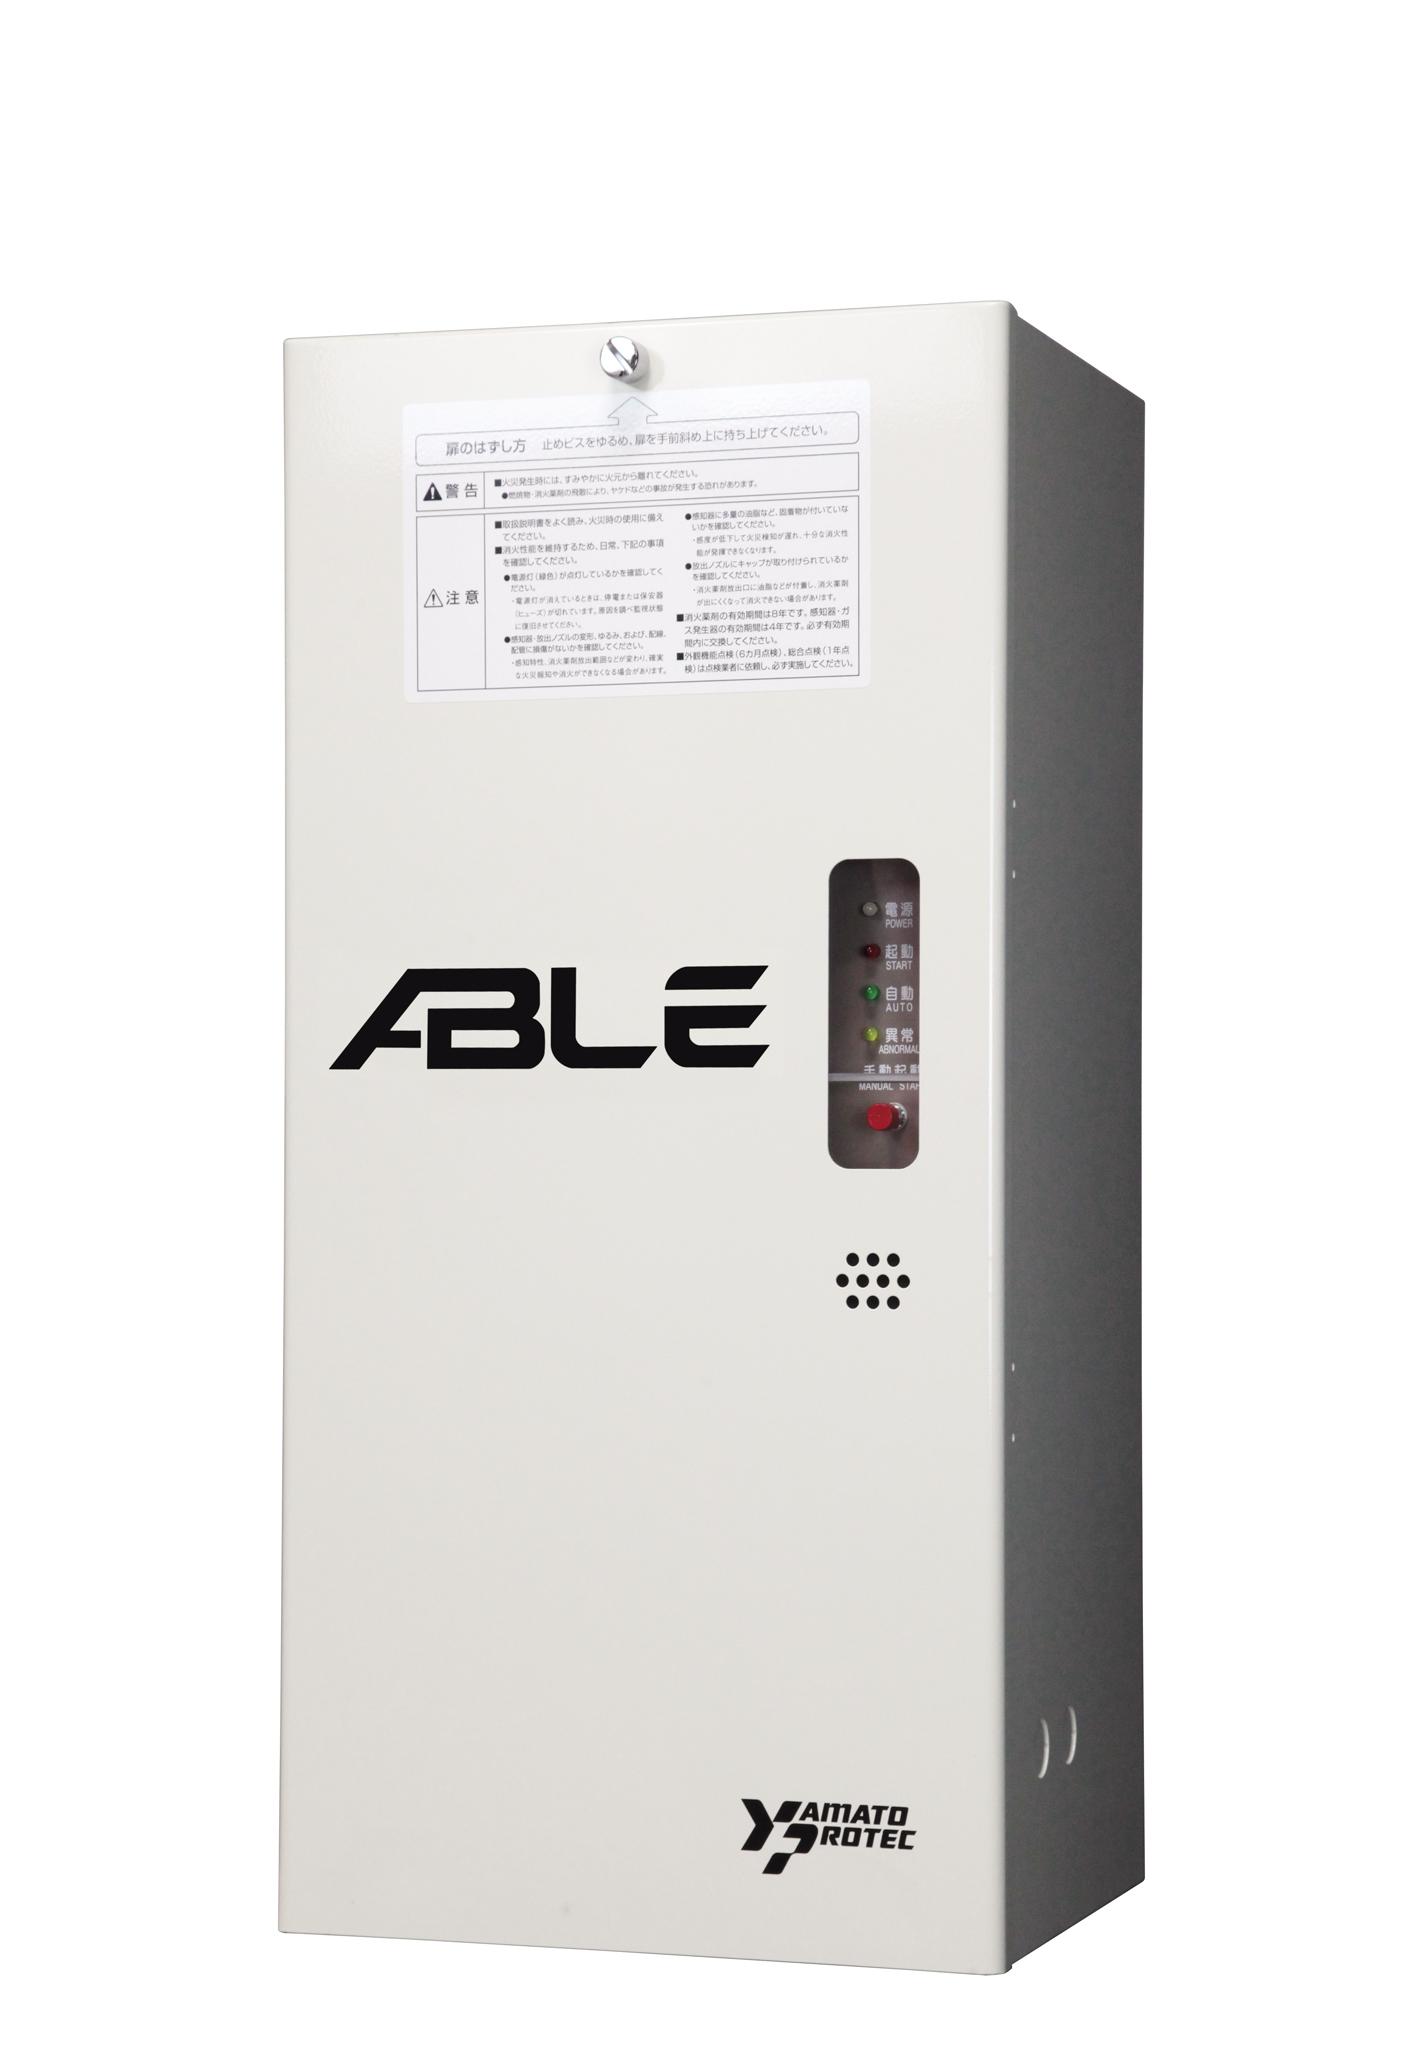 産業機器用自動消火装置 エイブル ACO-4C